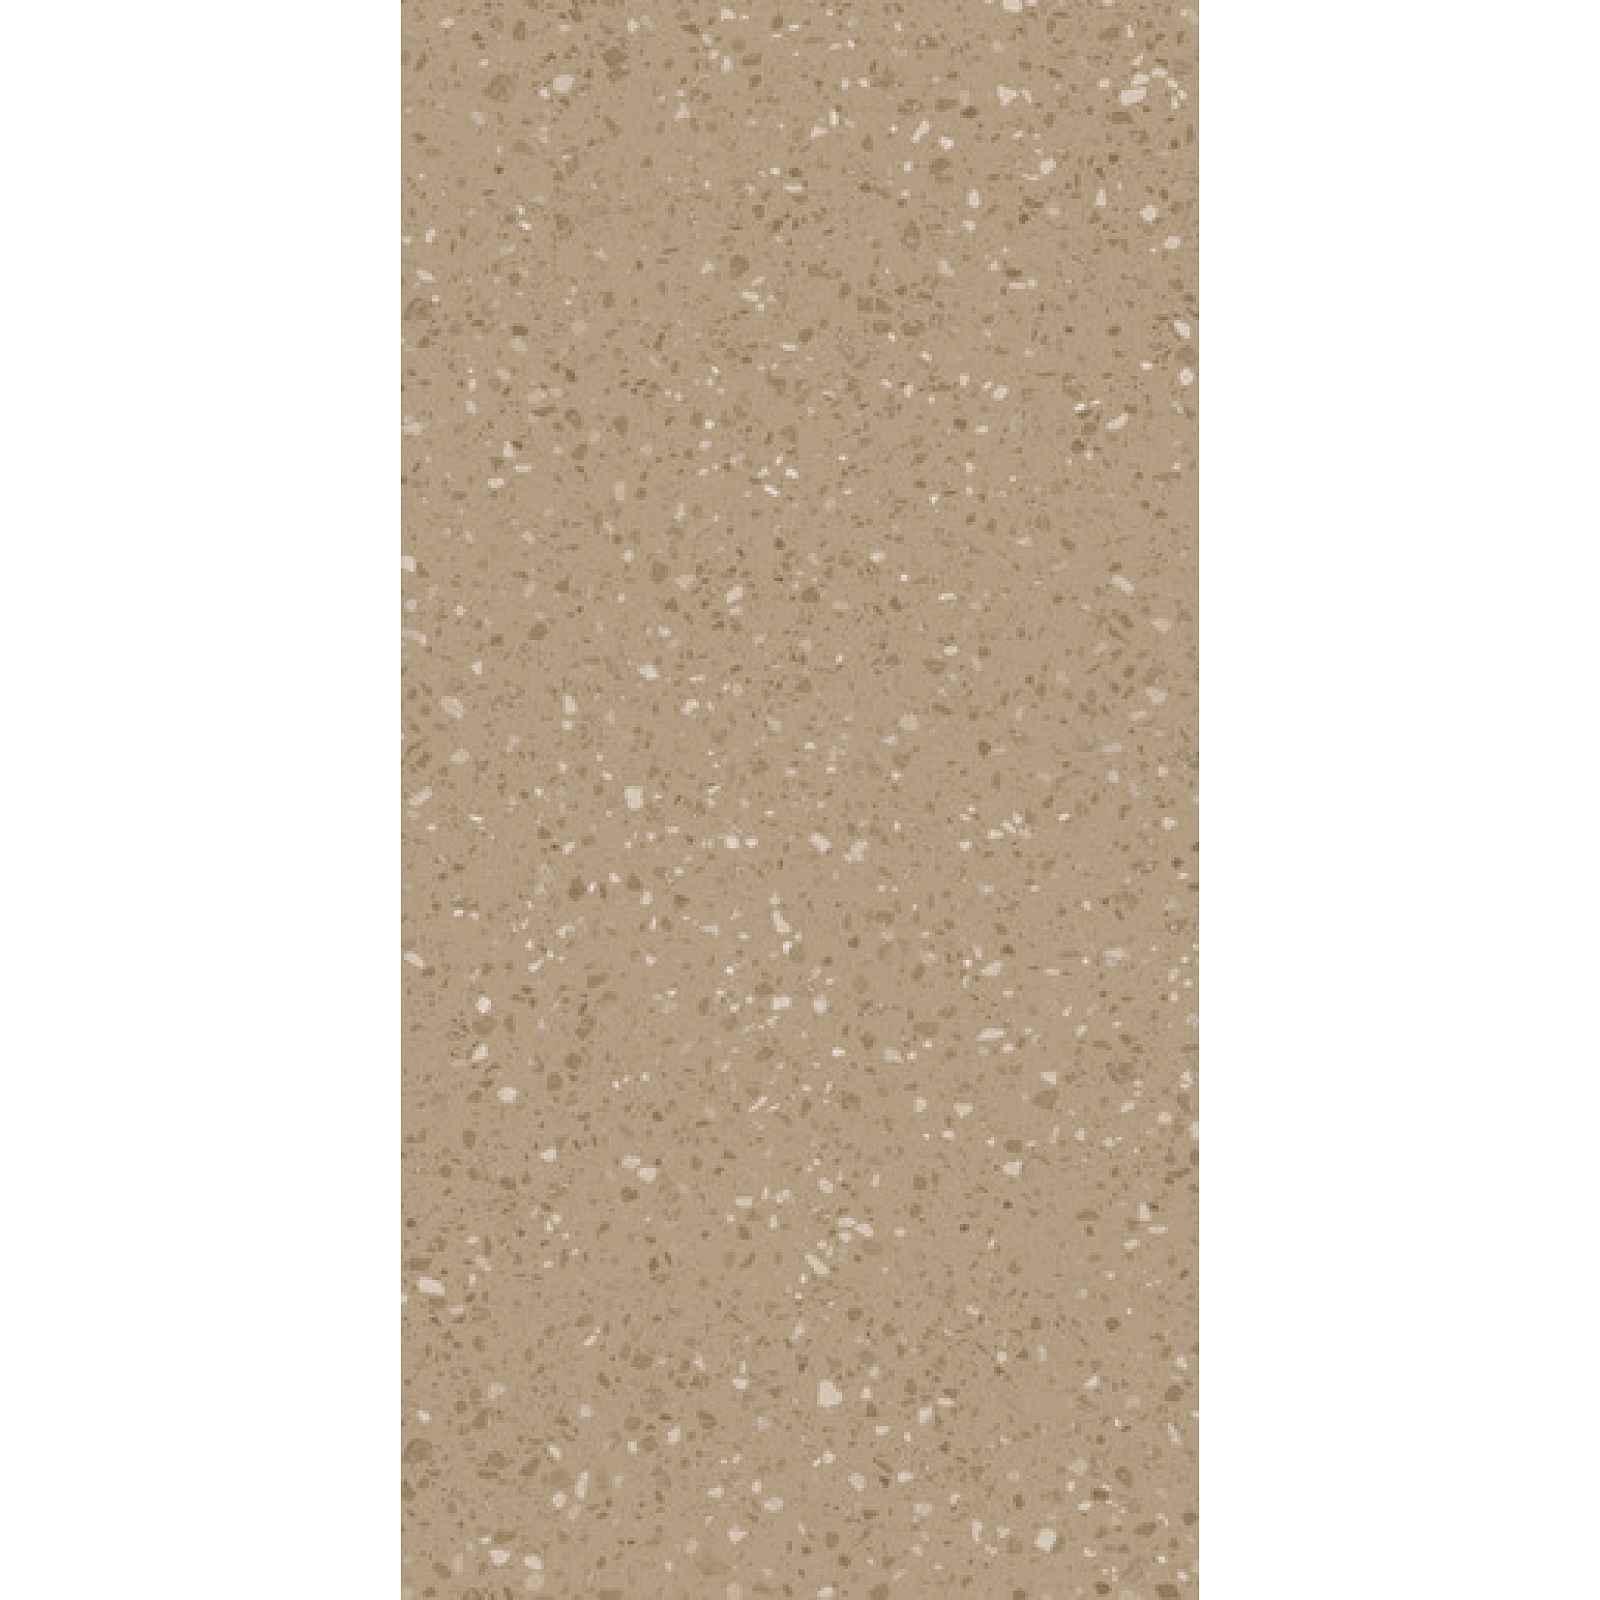 Dlažba RAKO Porfido okrová 60x120 cm mat / lesk DASV1814.1